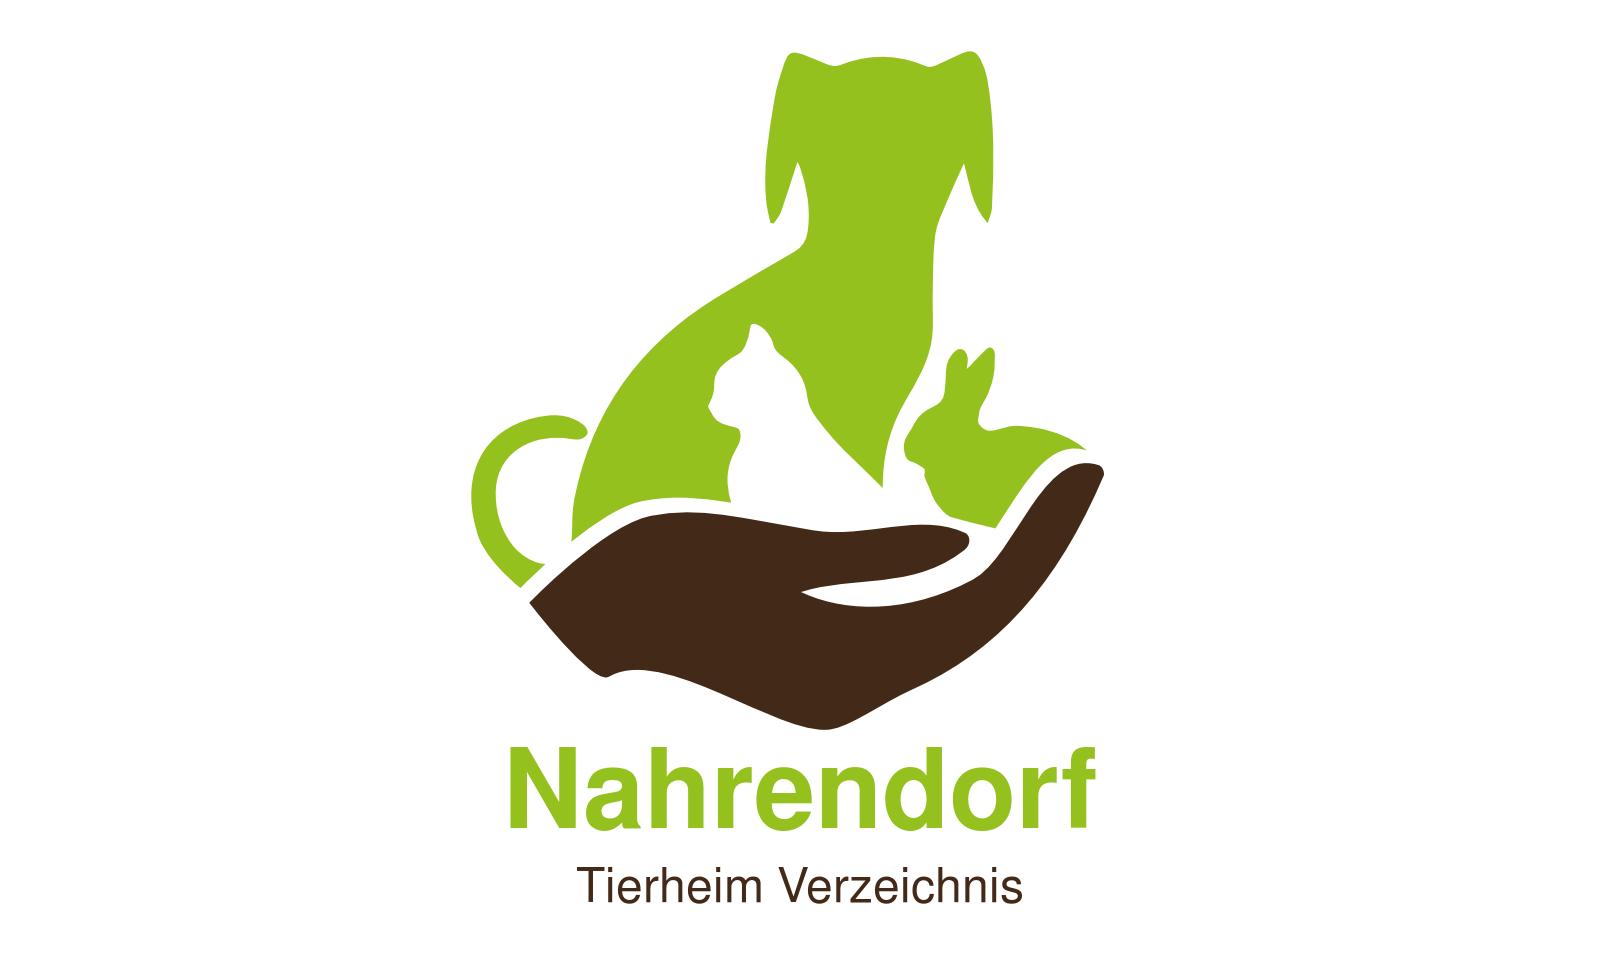 Tierheim Nahrendorf